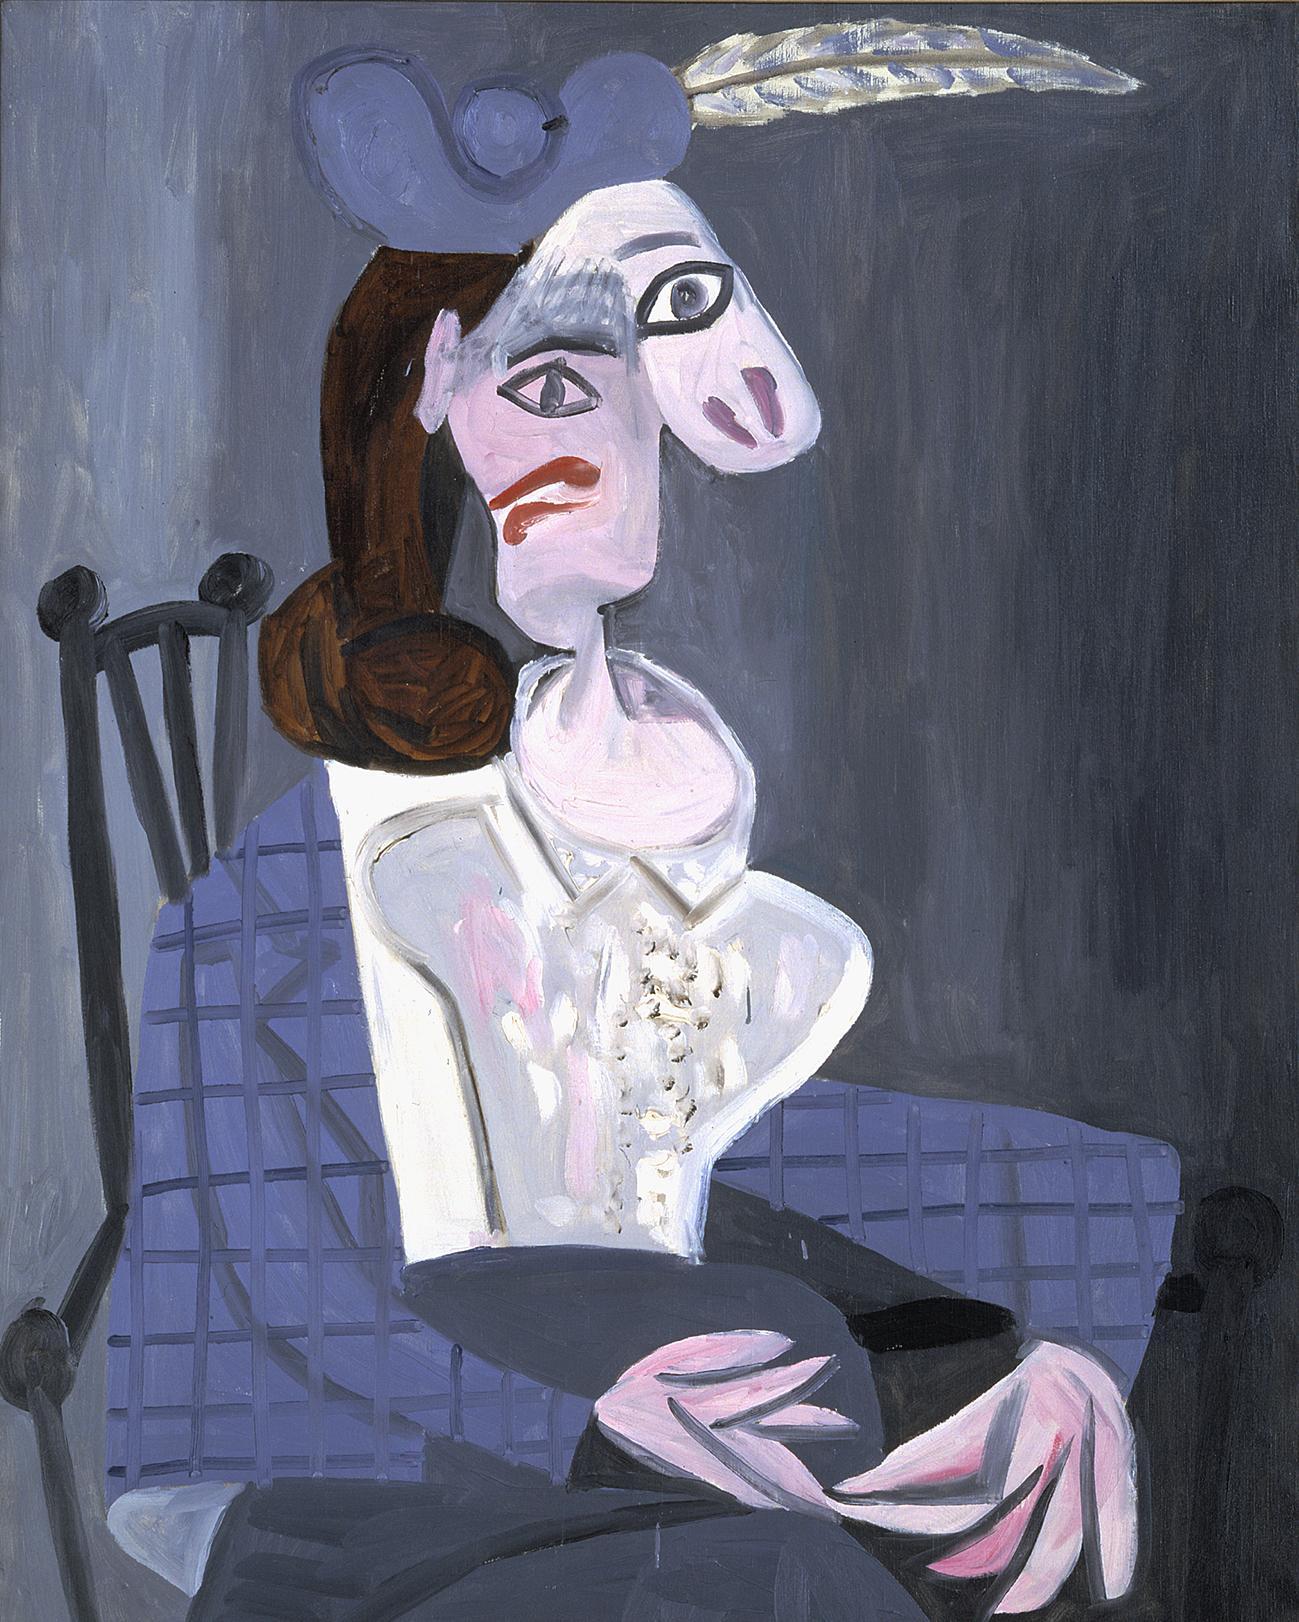 Pablo Picasso, Femme dans un fauteuil, Dora Maar. 1941. Huile sur toile 100×81 cm.